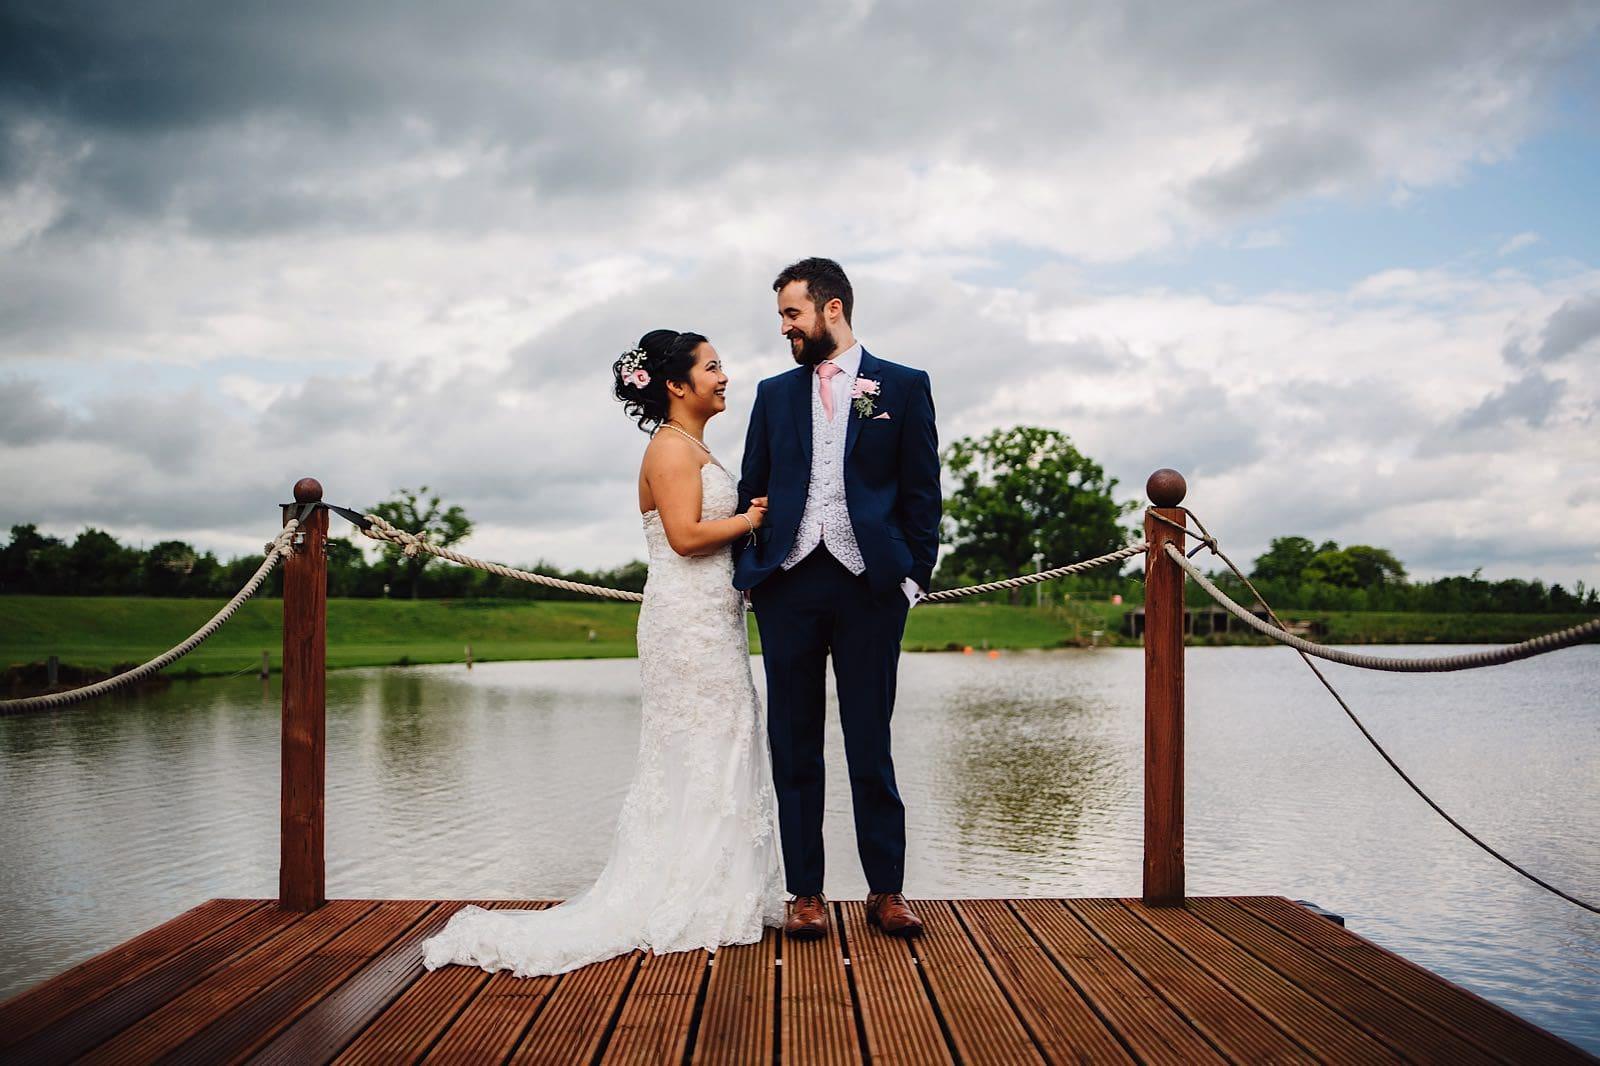 best-wedding-photography-warwickshire-0114